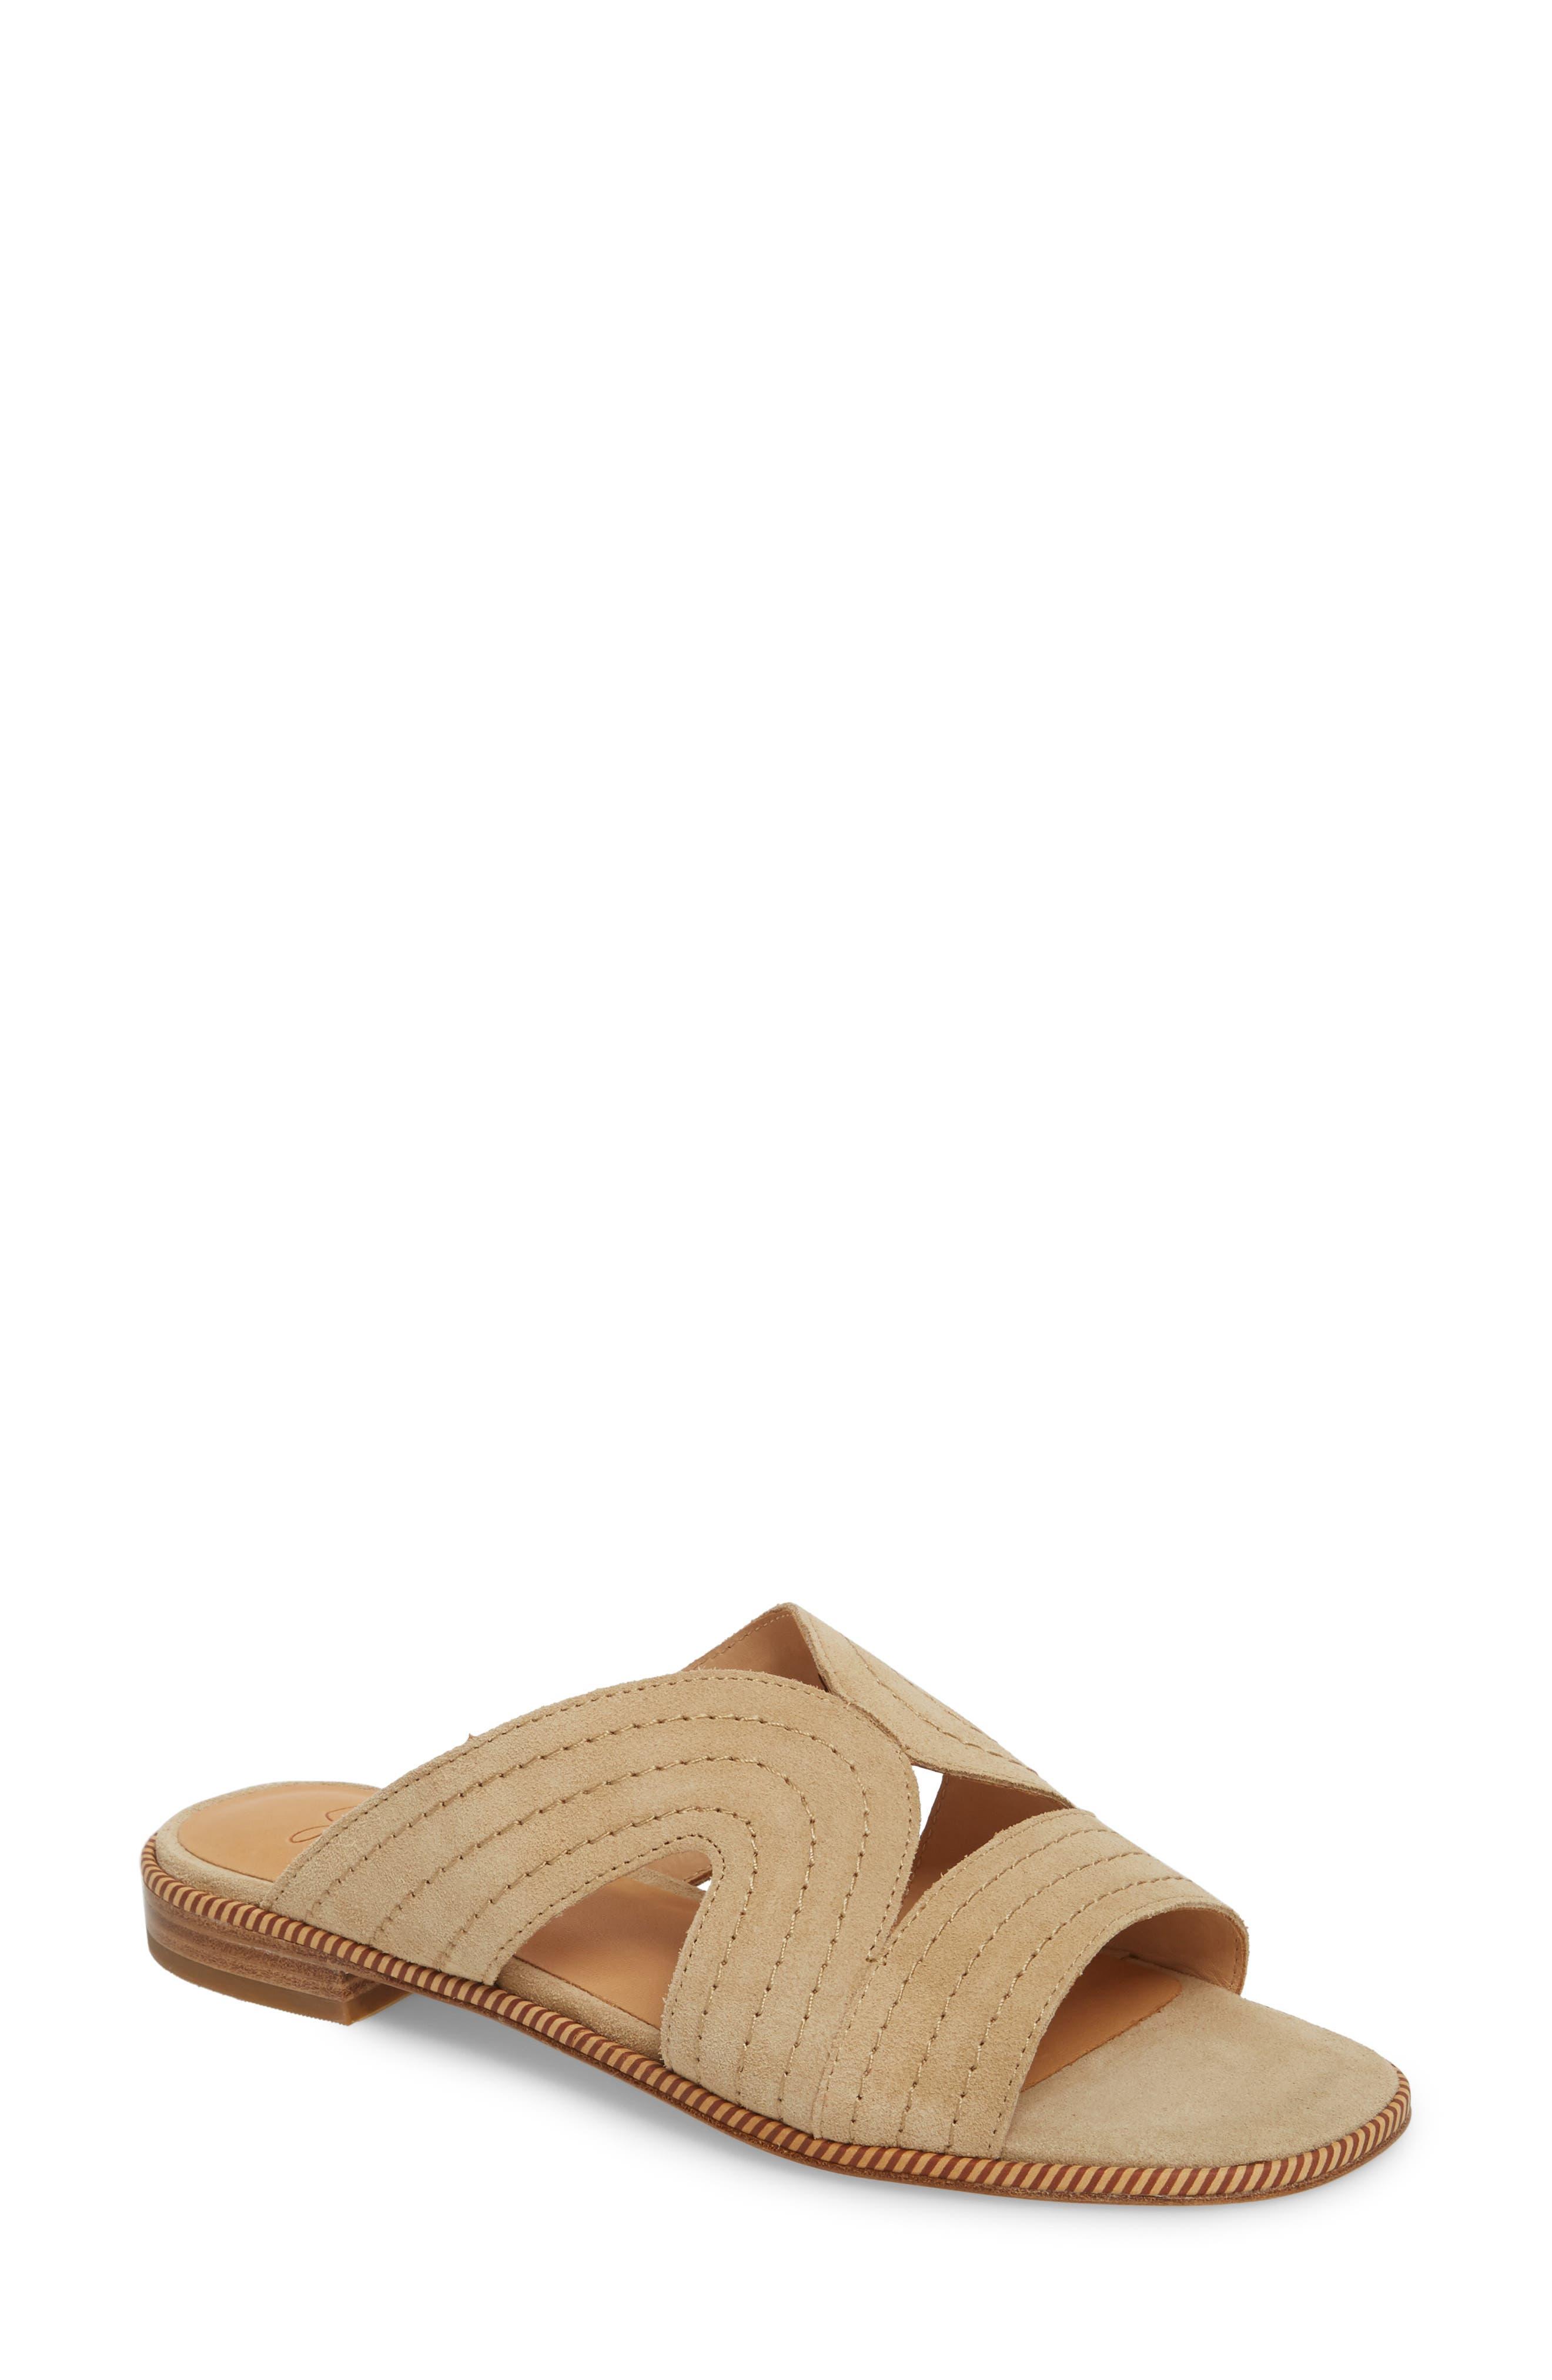 Paetyn Slide Sandal,                             Main thumbnail 1, color,                             250